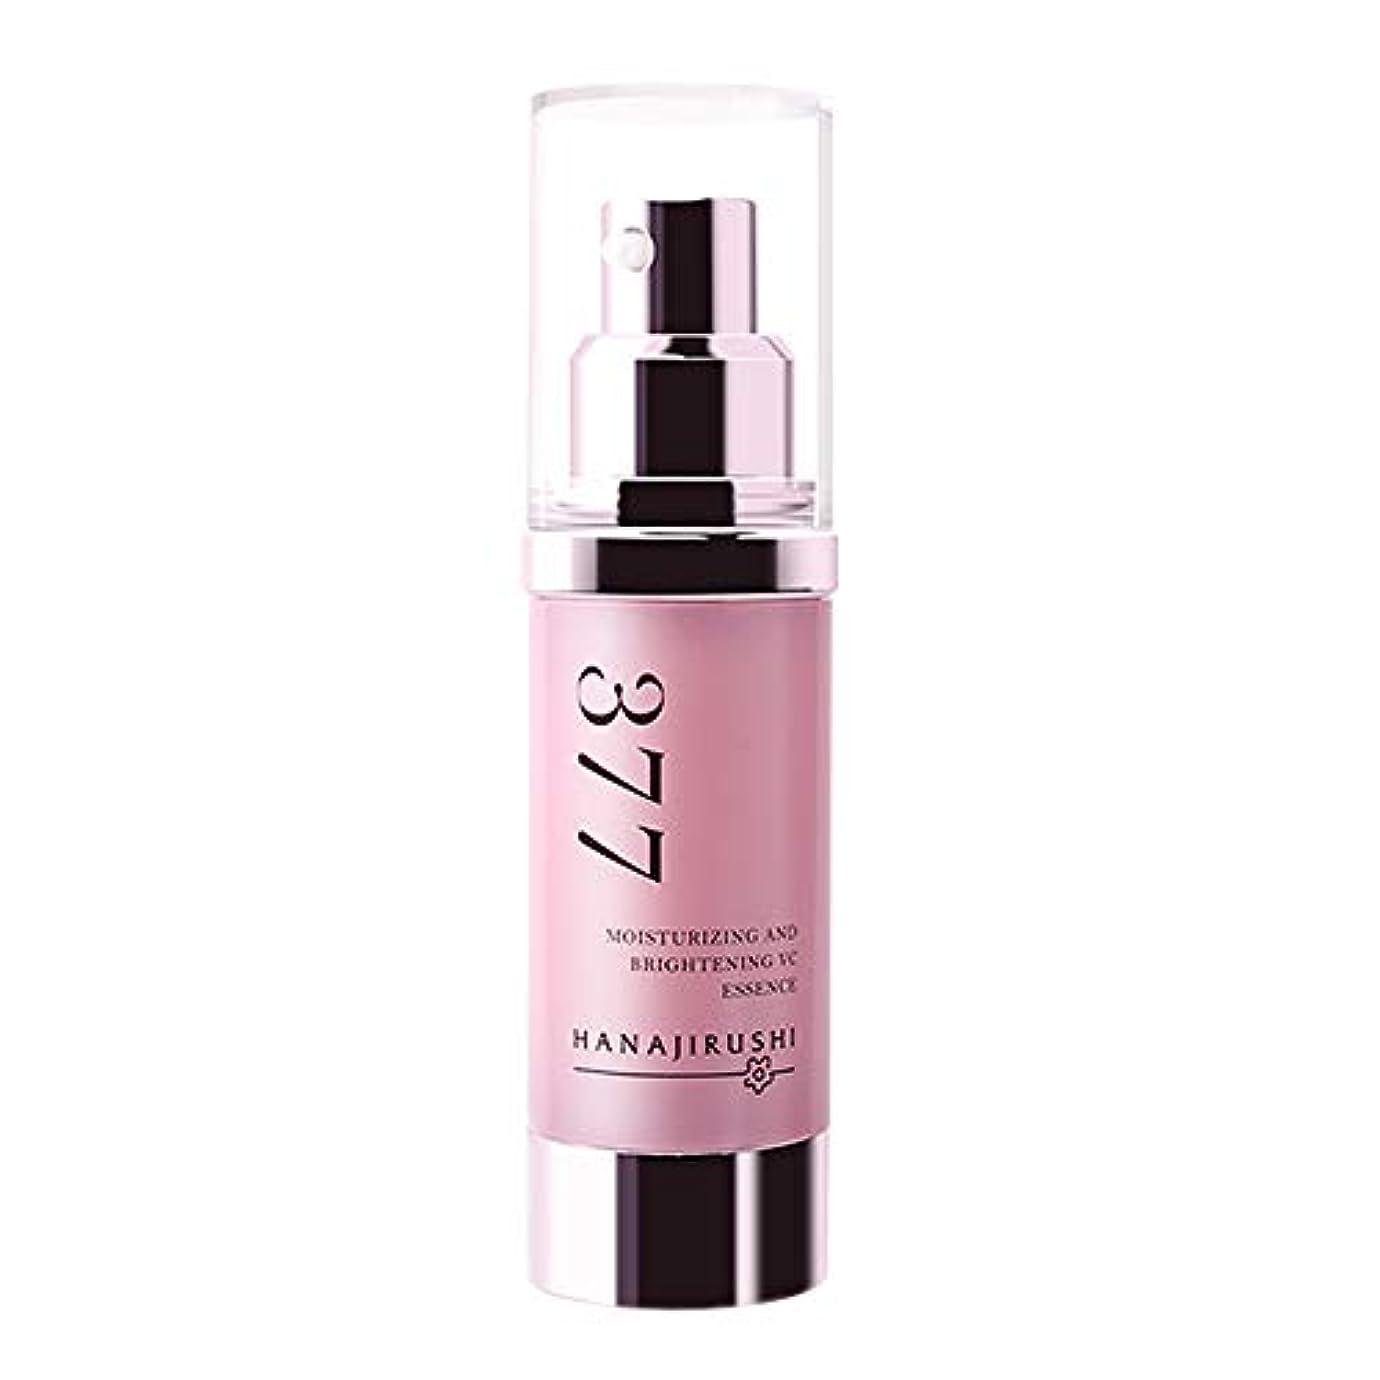 ジュースかすれたブランク花印 シムホワイト377VCブライトニング 美容液30ml 集中美白 ビタミンC&ビタミンE誘導体配合